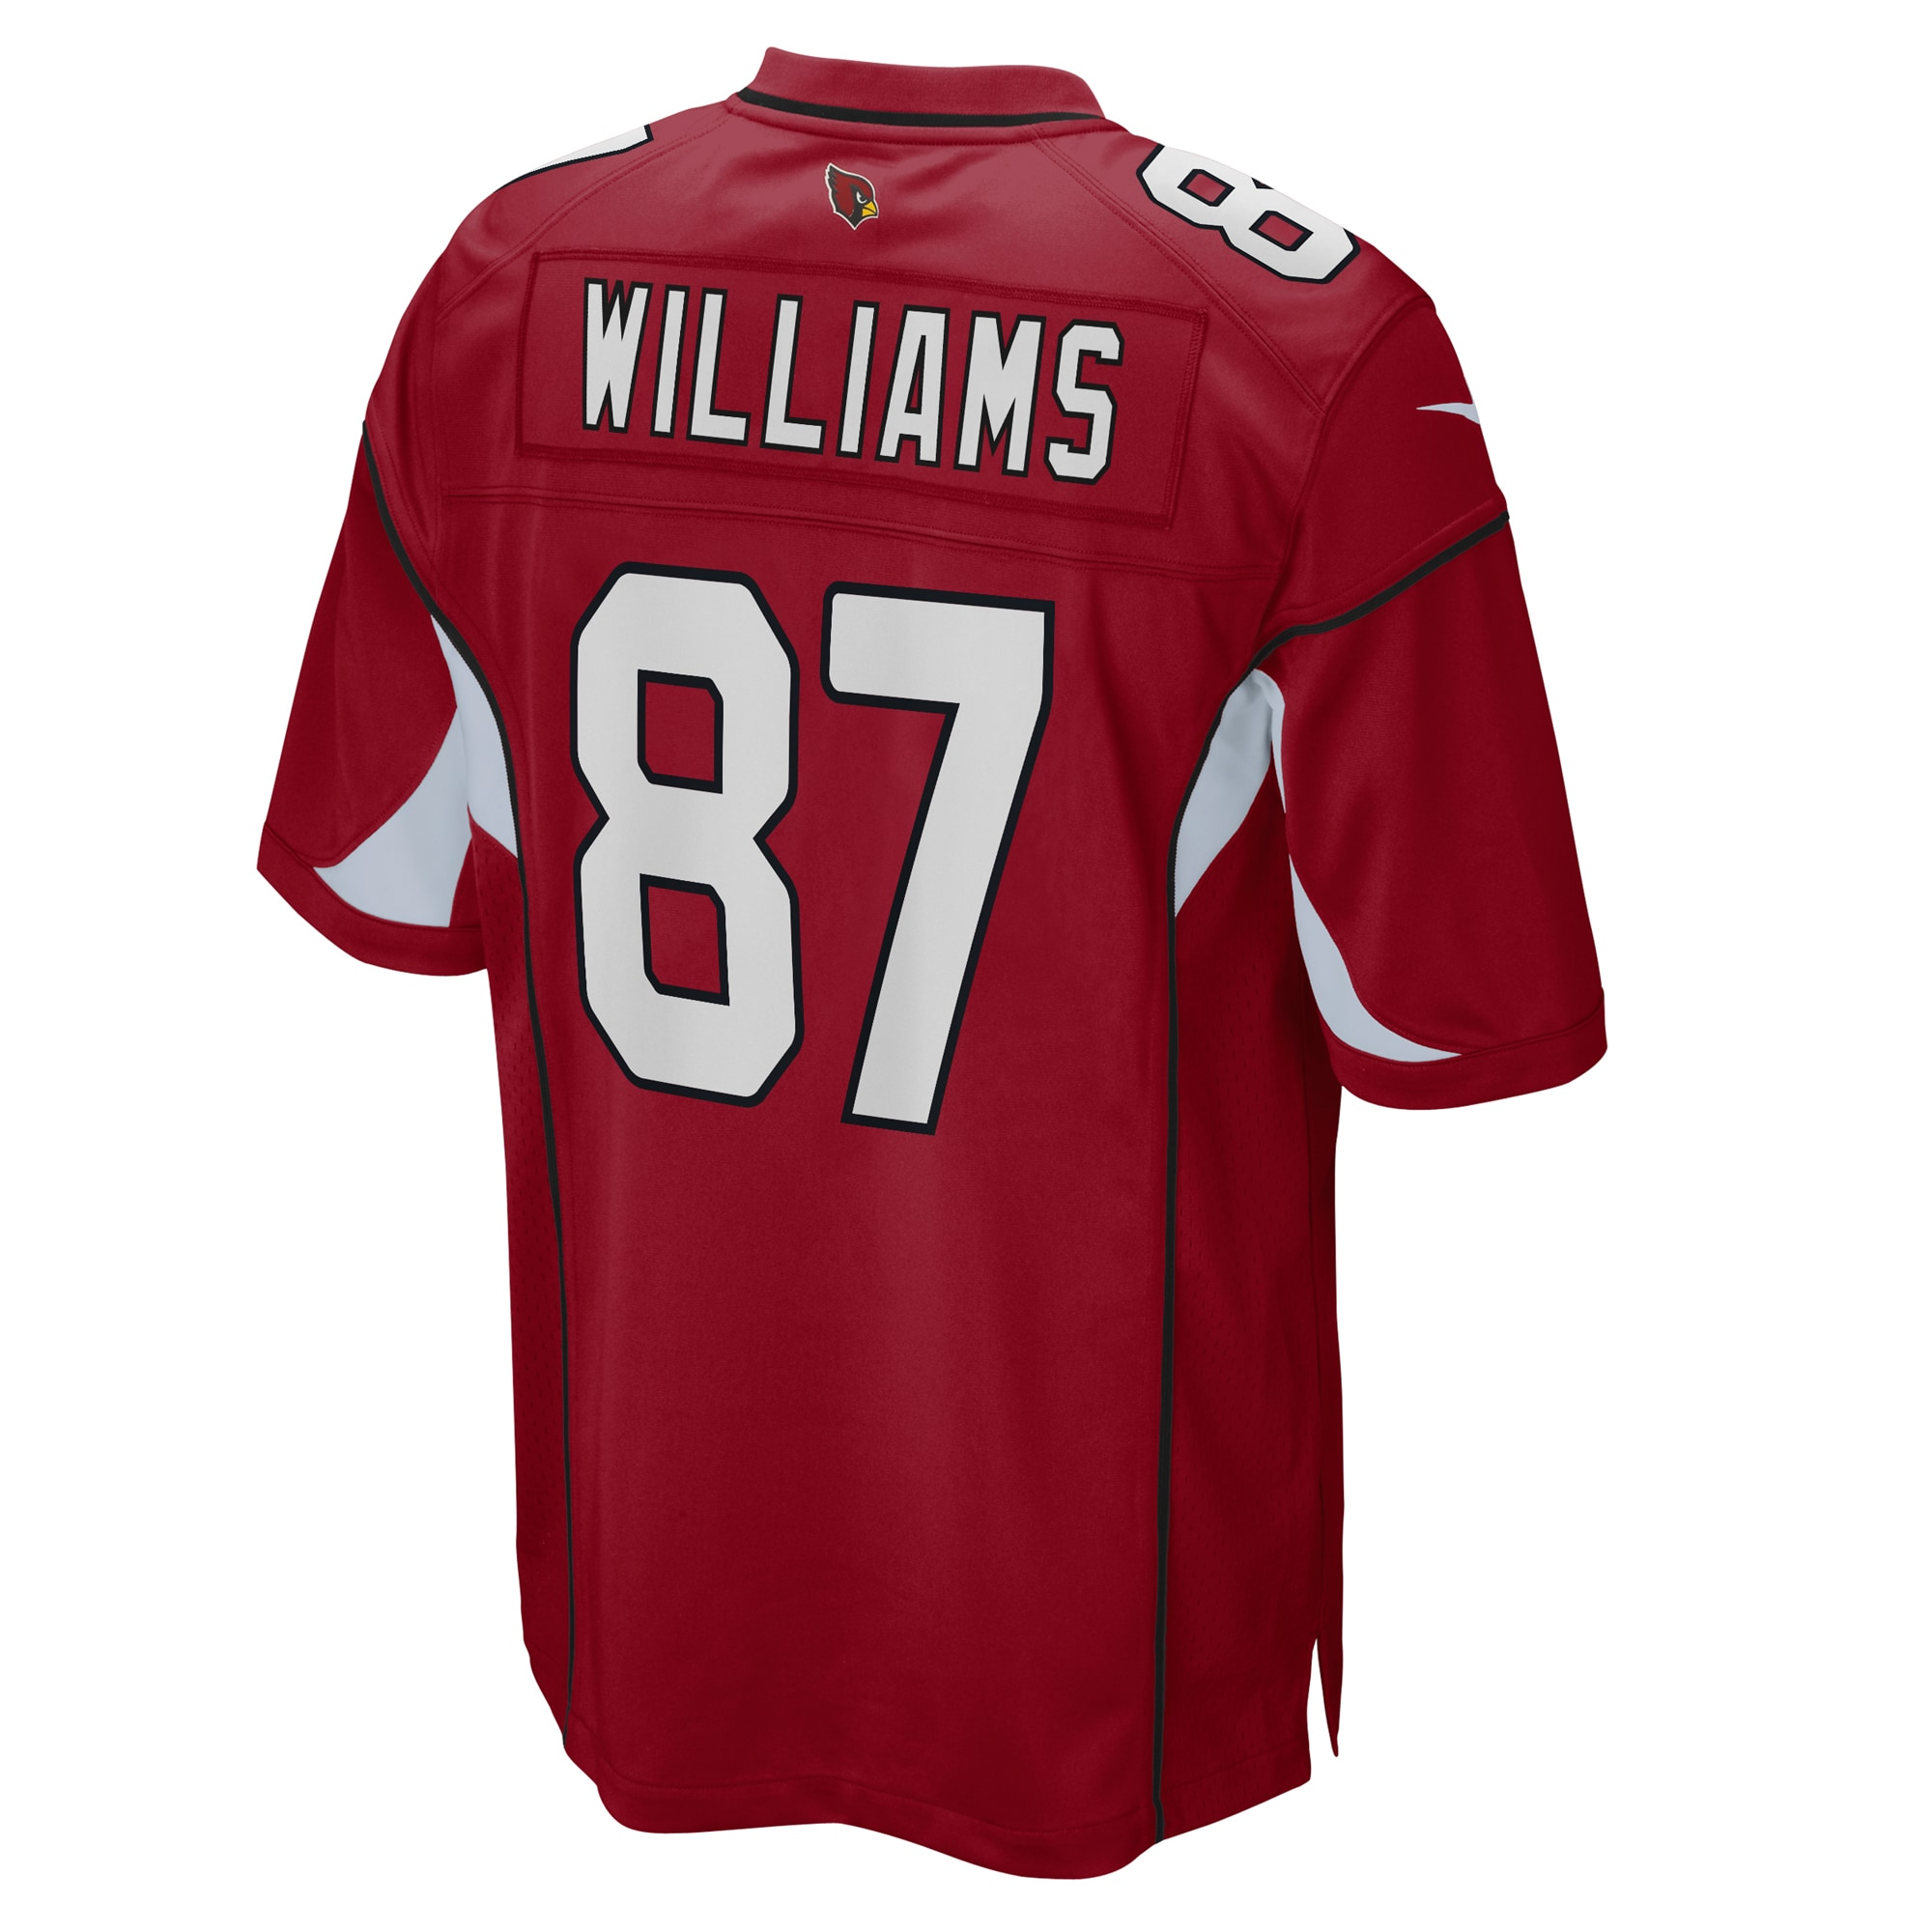 maxx williams jersey